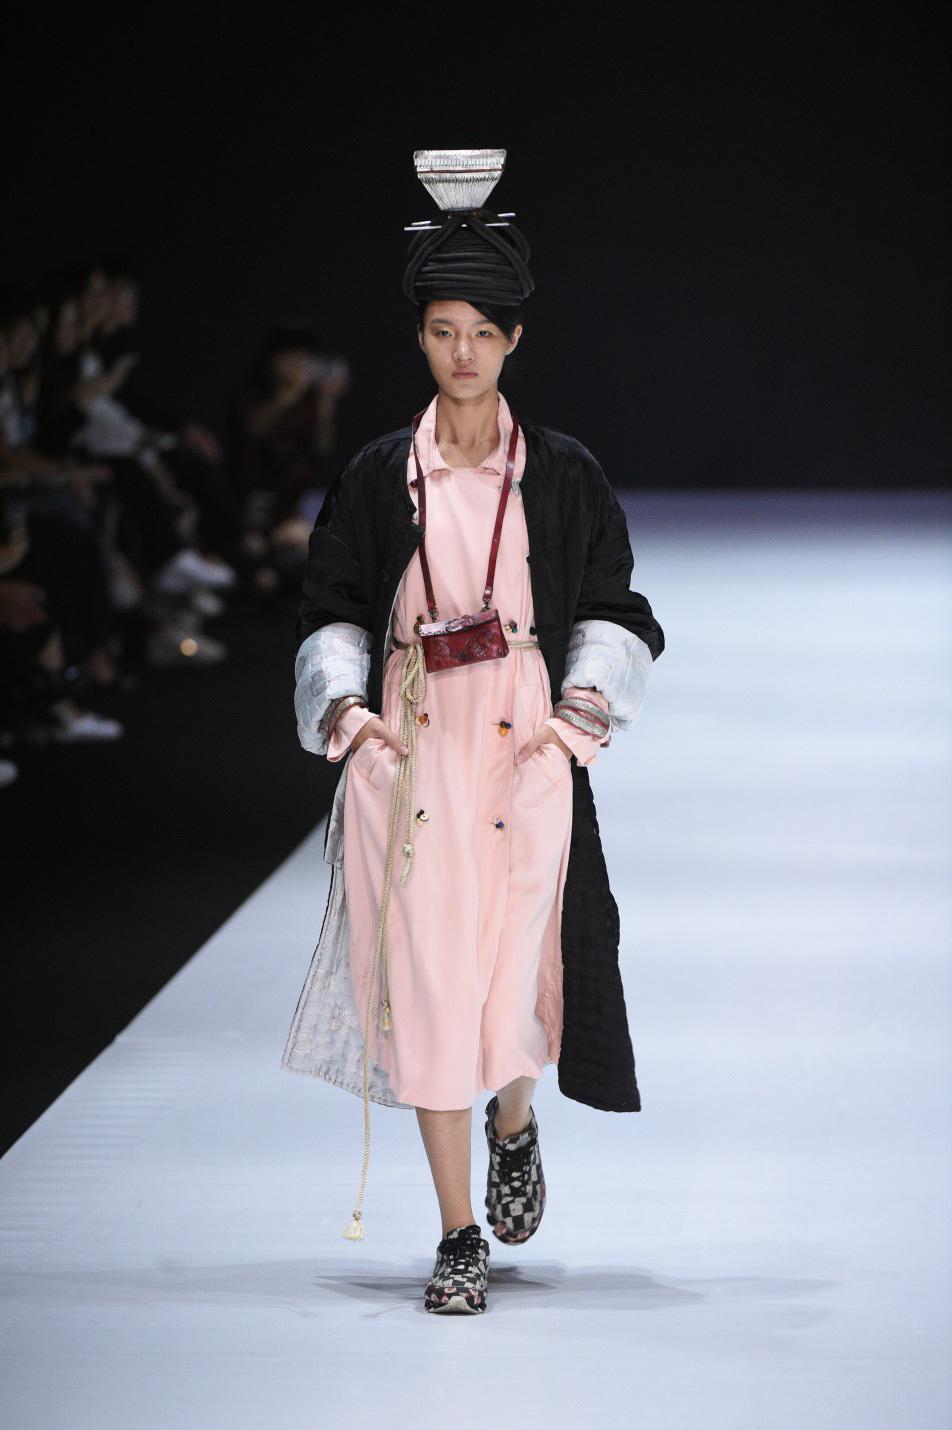 Những thiết kế gây ấn tượng của NTK Vũ Tá Linh tại Tuần lễ thời trang Hong Kong 2019 - Ảnh 8.